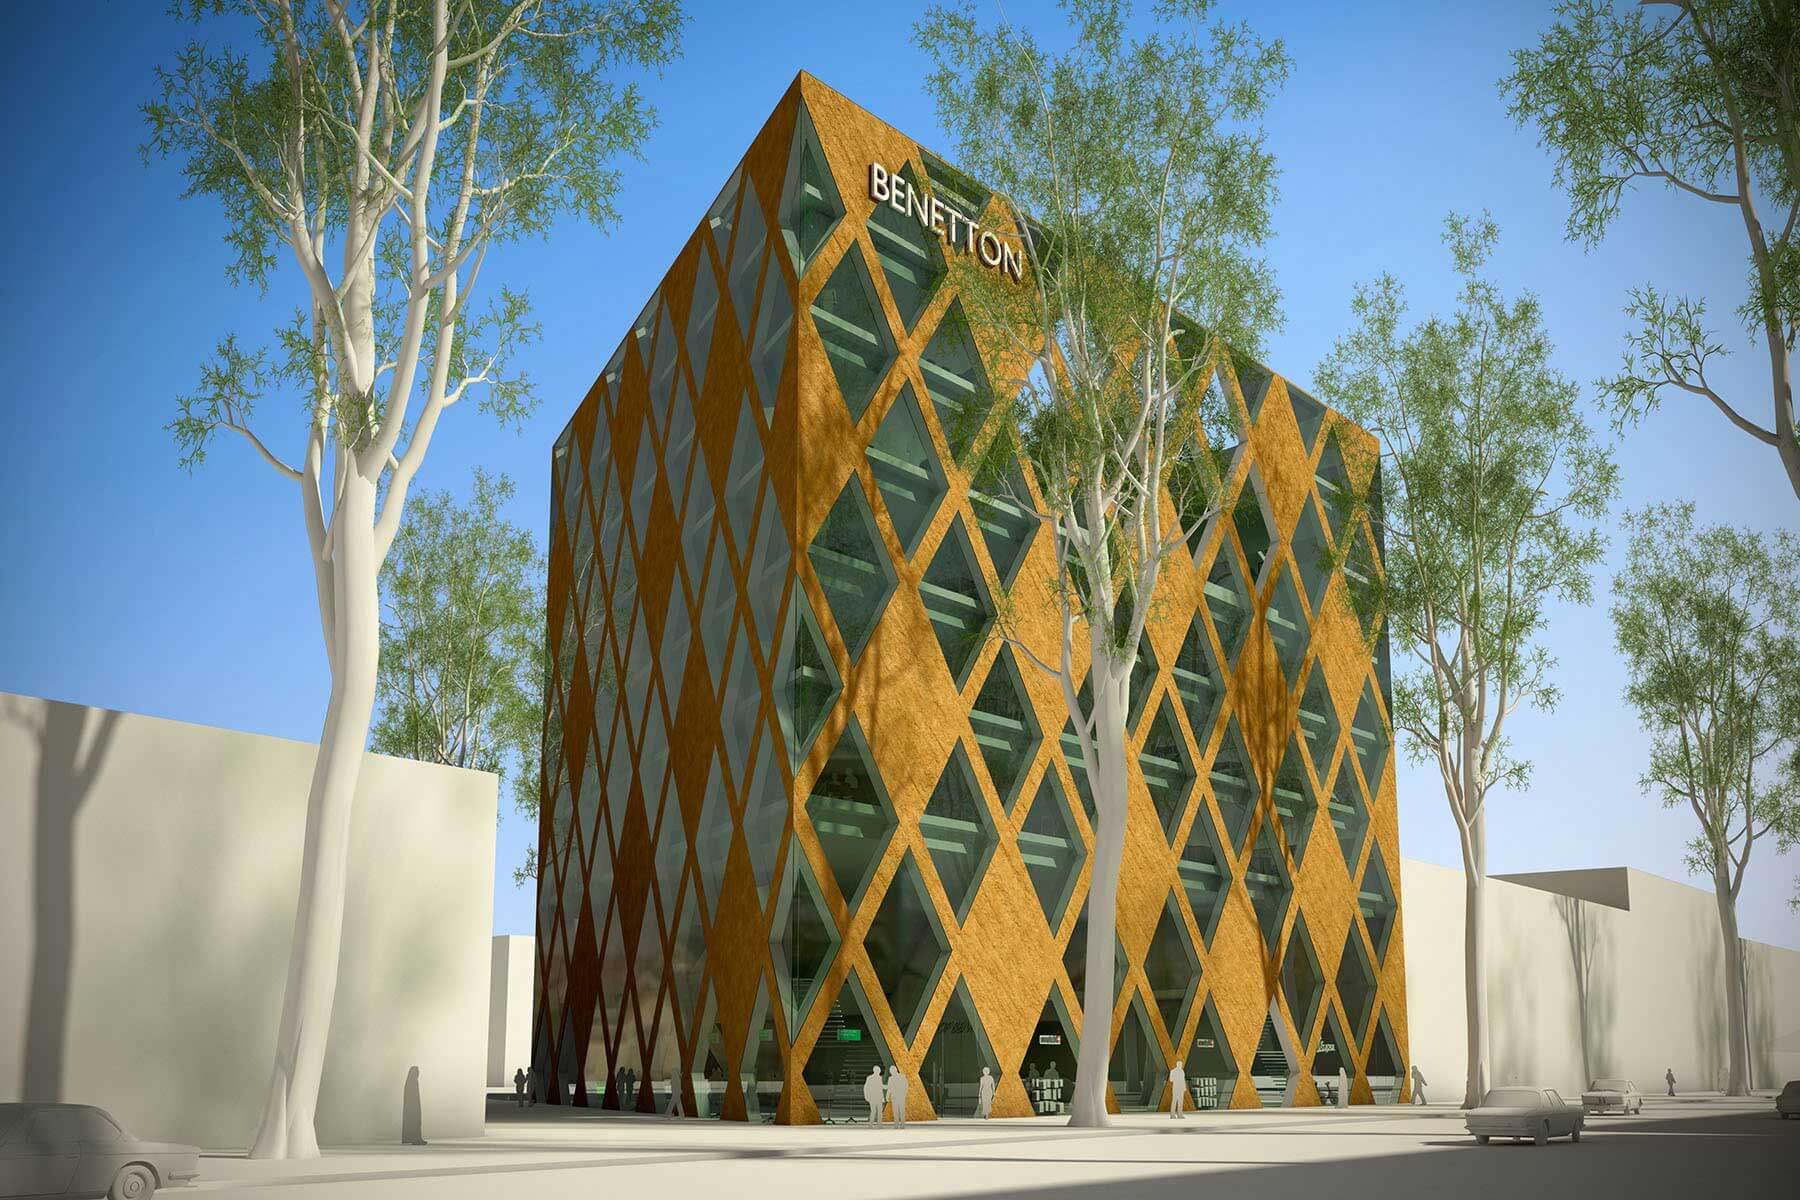 8A Architecten - Kantoorgebouw voor Benetton Group, Teheran, Iran